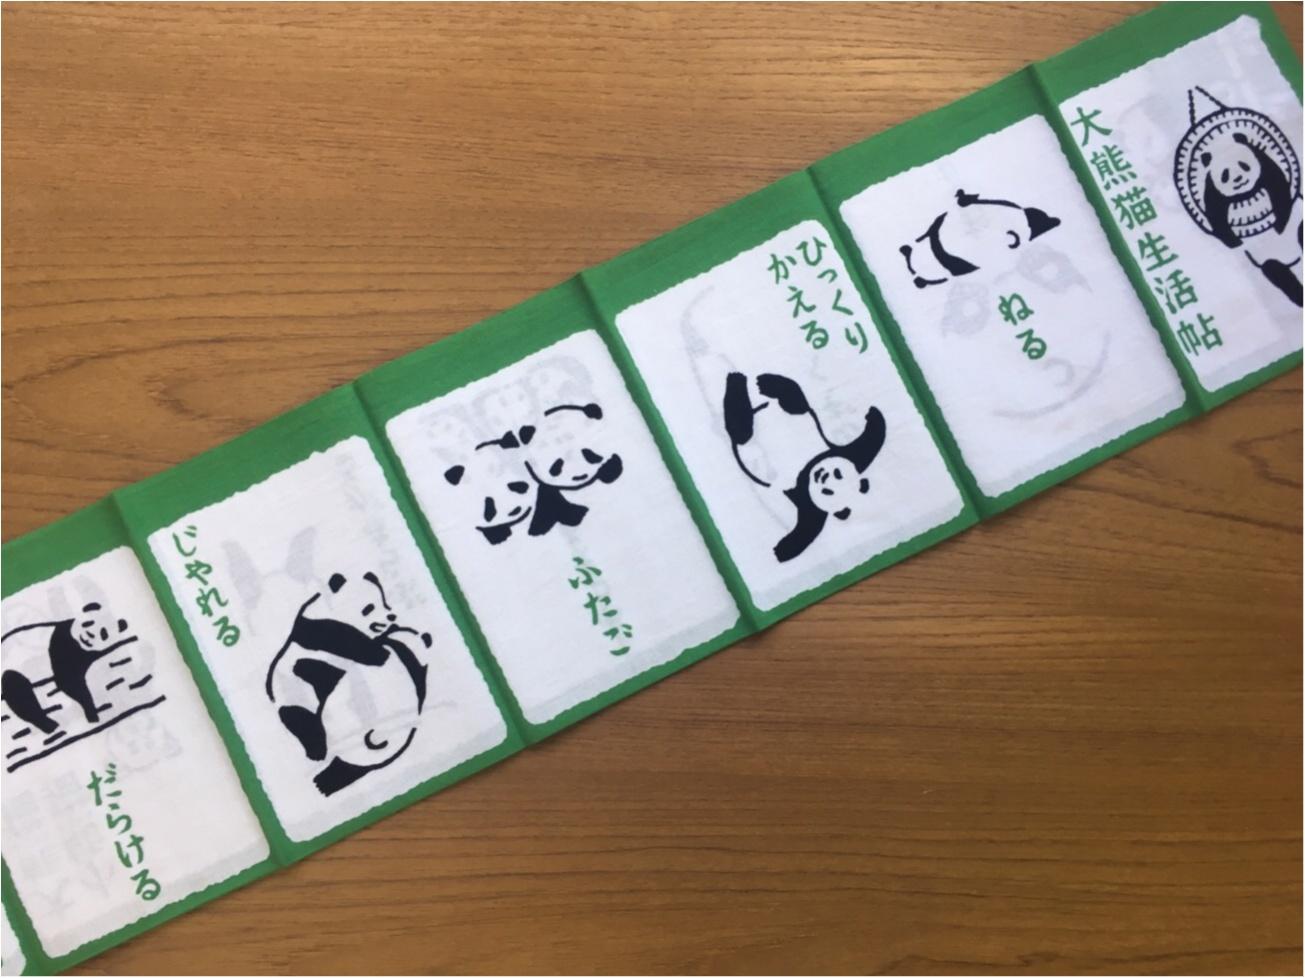 【上野/シャンシャン公開記念❁】上野駅・駅ナカでGETできるパンダグッズがとってもキュート♡♡_4